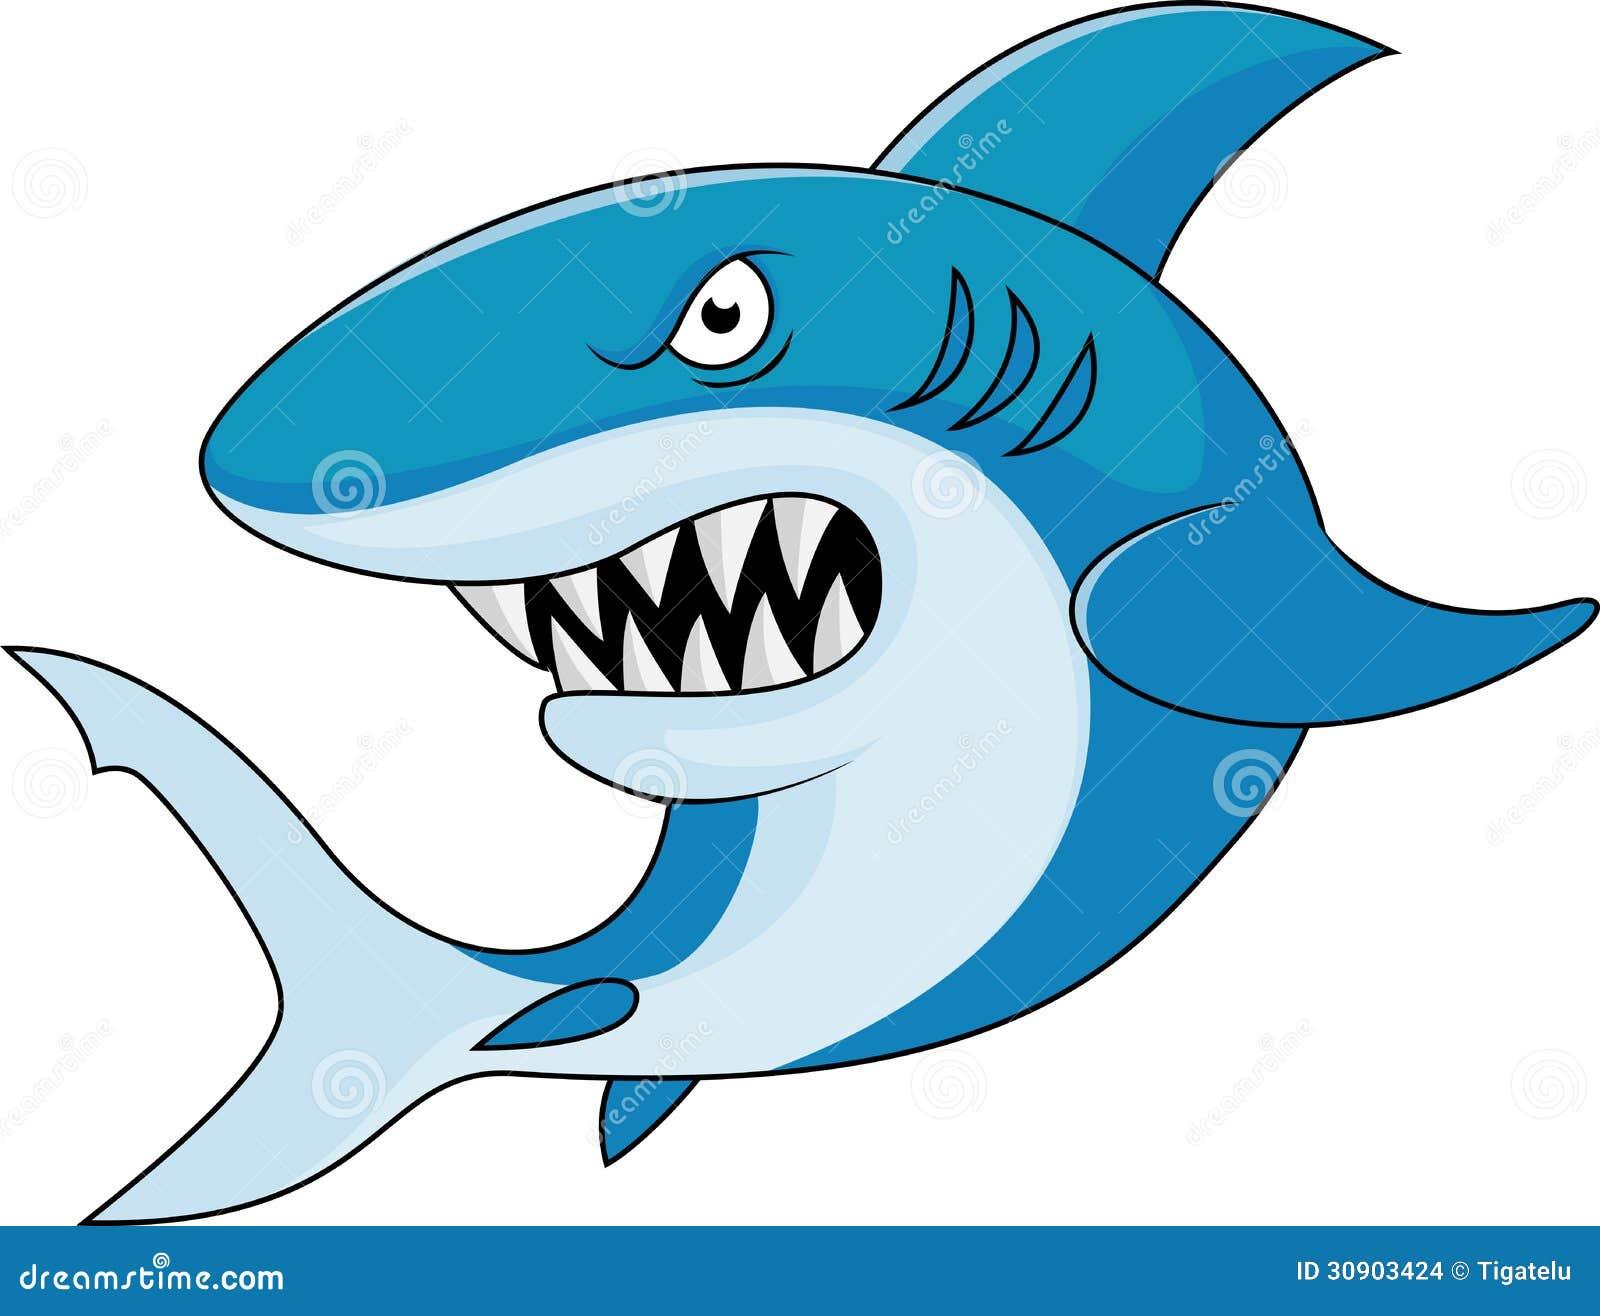 Haaibeeldverhaal vector illustratie afbeelding bestaande